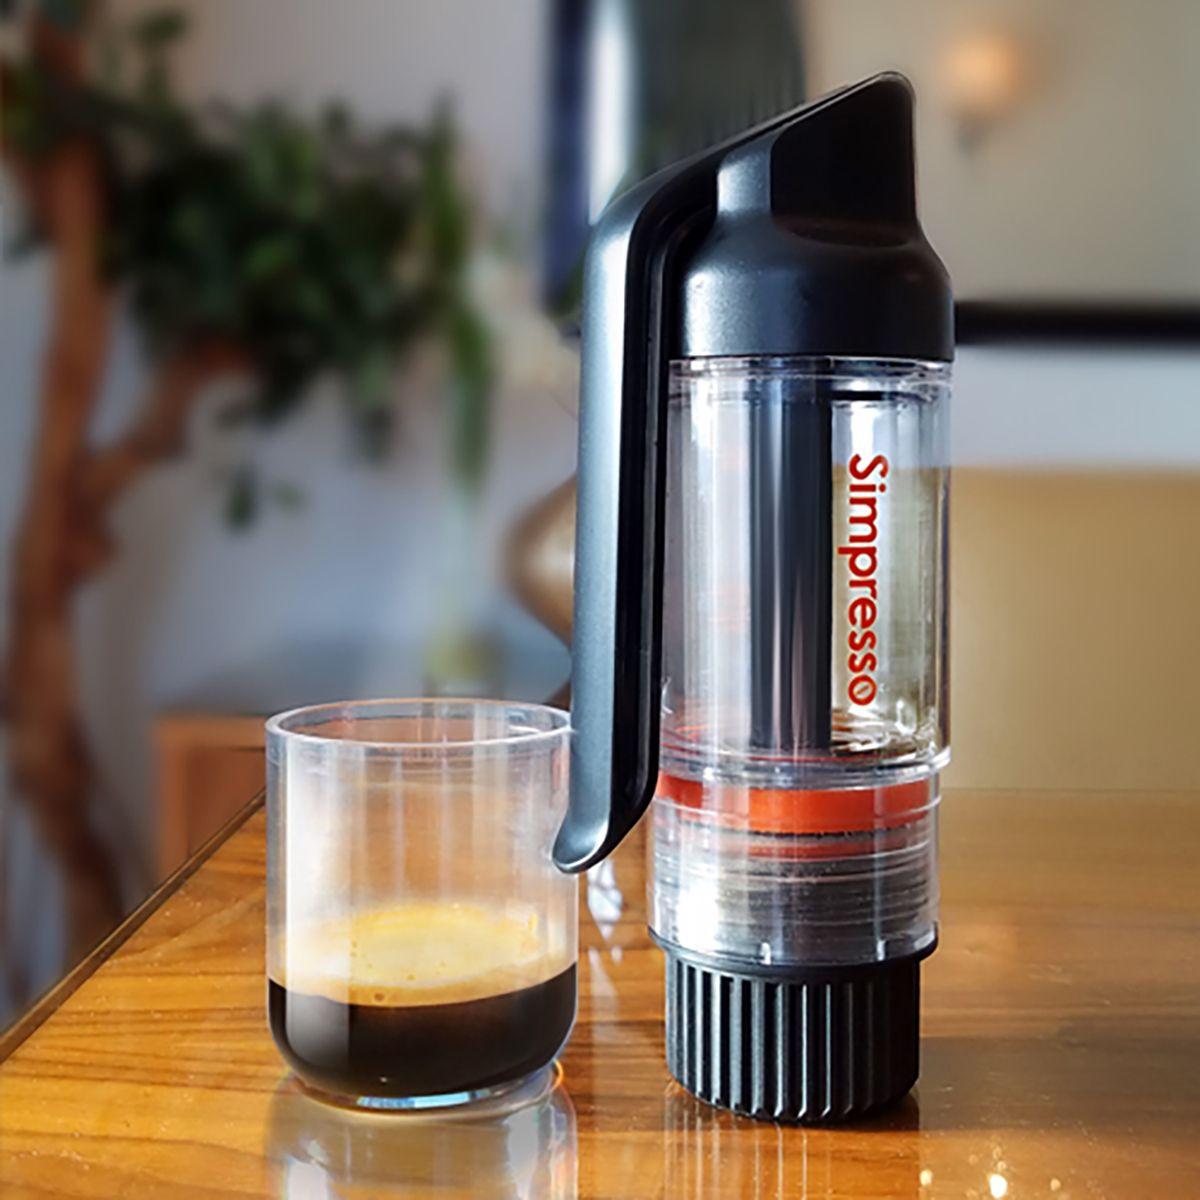 Portable Espresso Maker by Simpresso #espressomaker